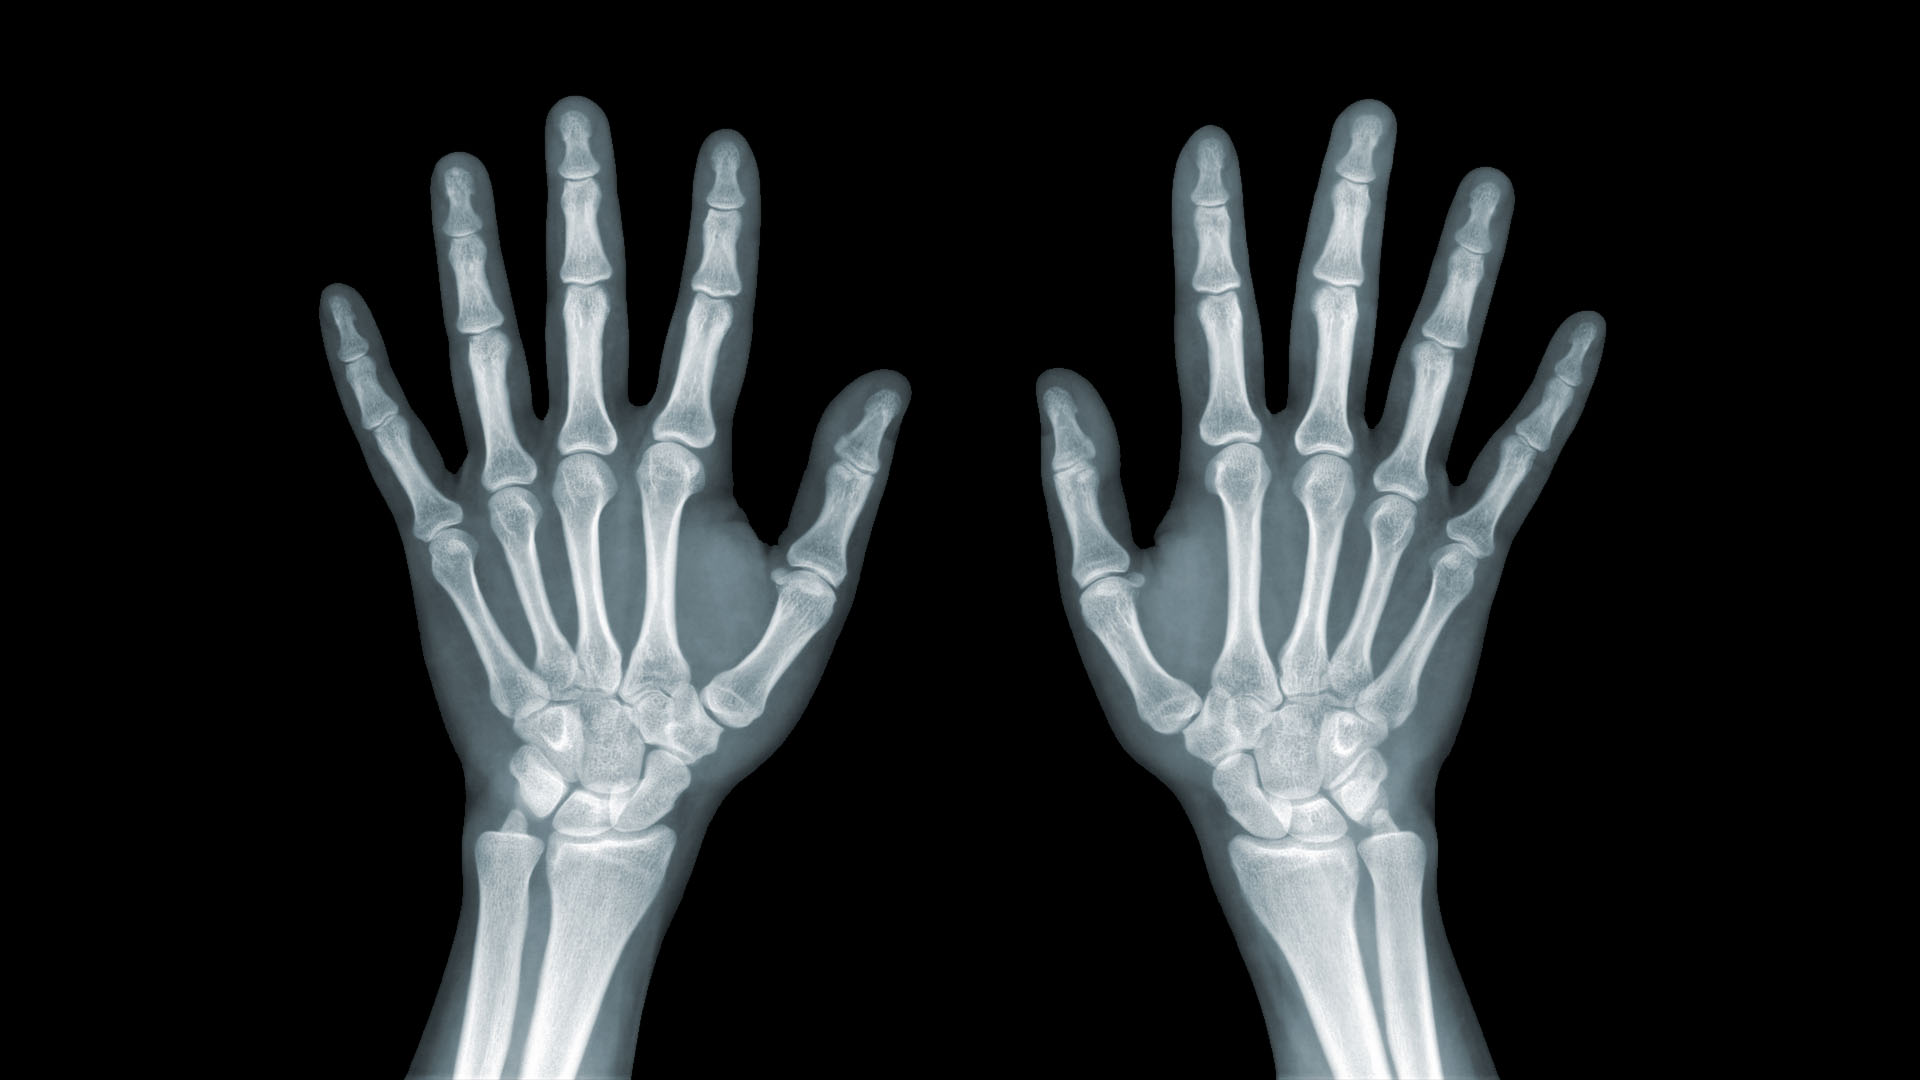 térdízület injekciós kezelés artrózisa rákattint és fáj a kefe ízületén